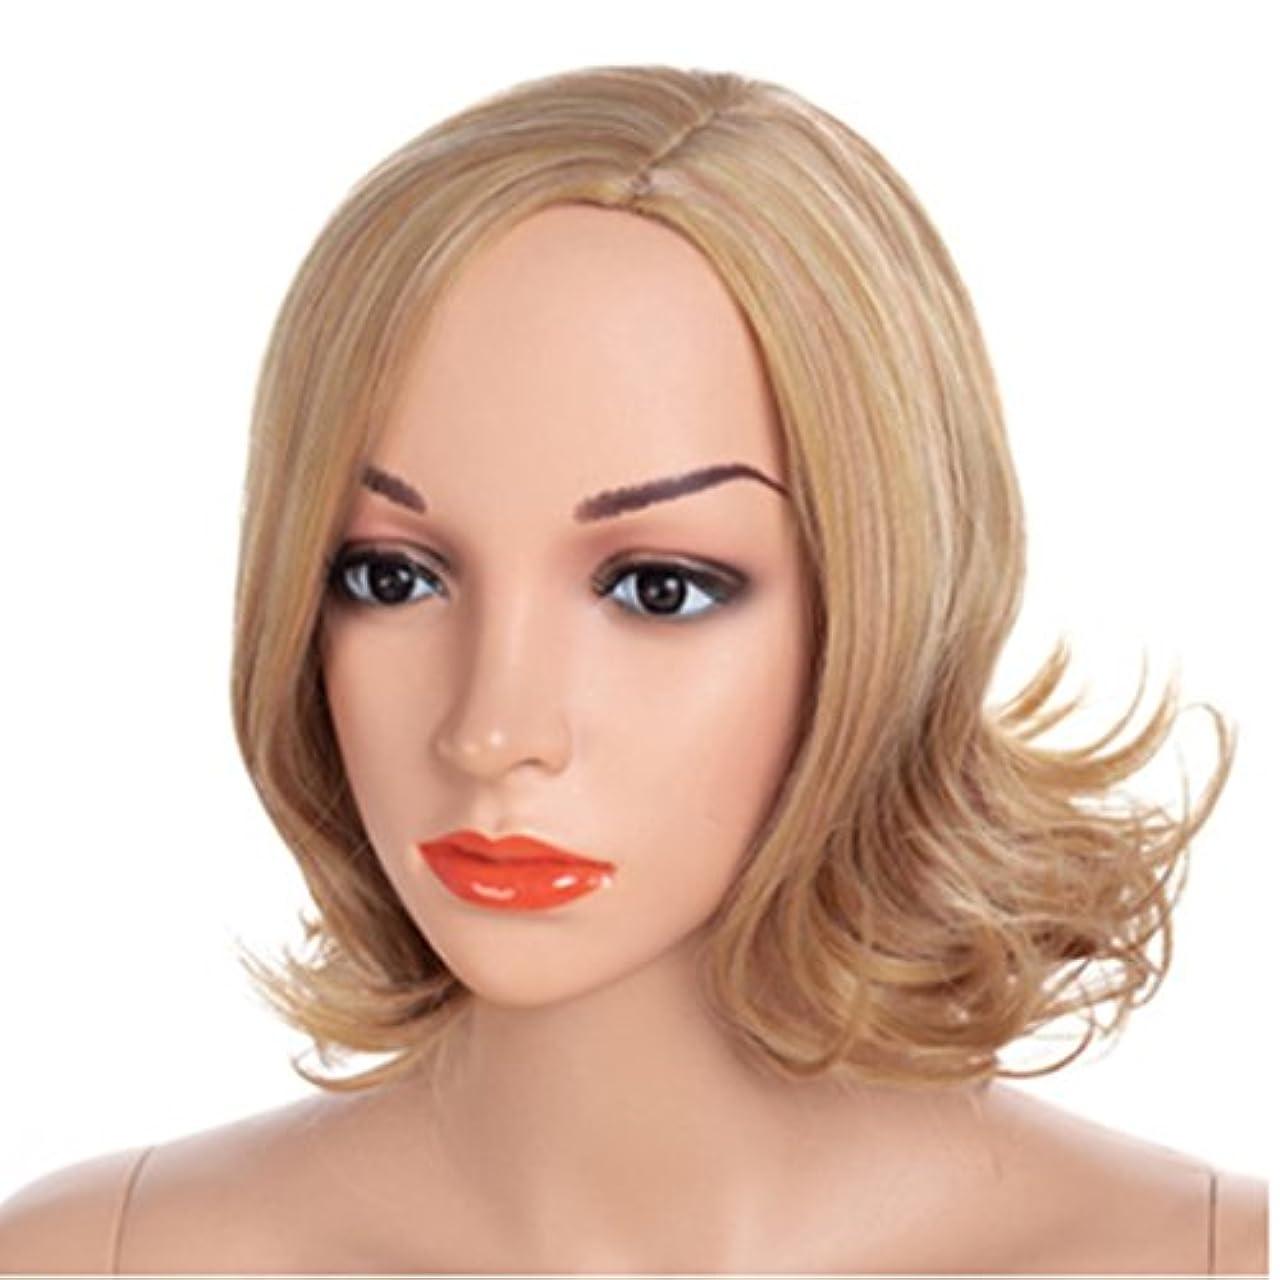 原理レール抽象YOUQIU 顔ウィッグで変更することができ黄金の髪の色とAウィッグ髪型の40センチメートル女性のかつら髪型メッシー伐採 (色 : ゴールド)